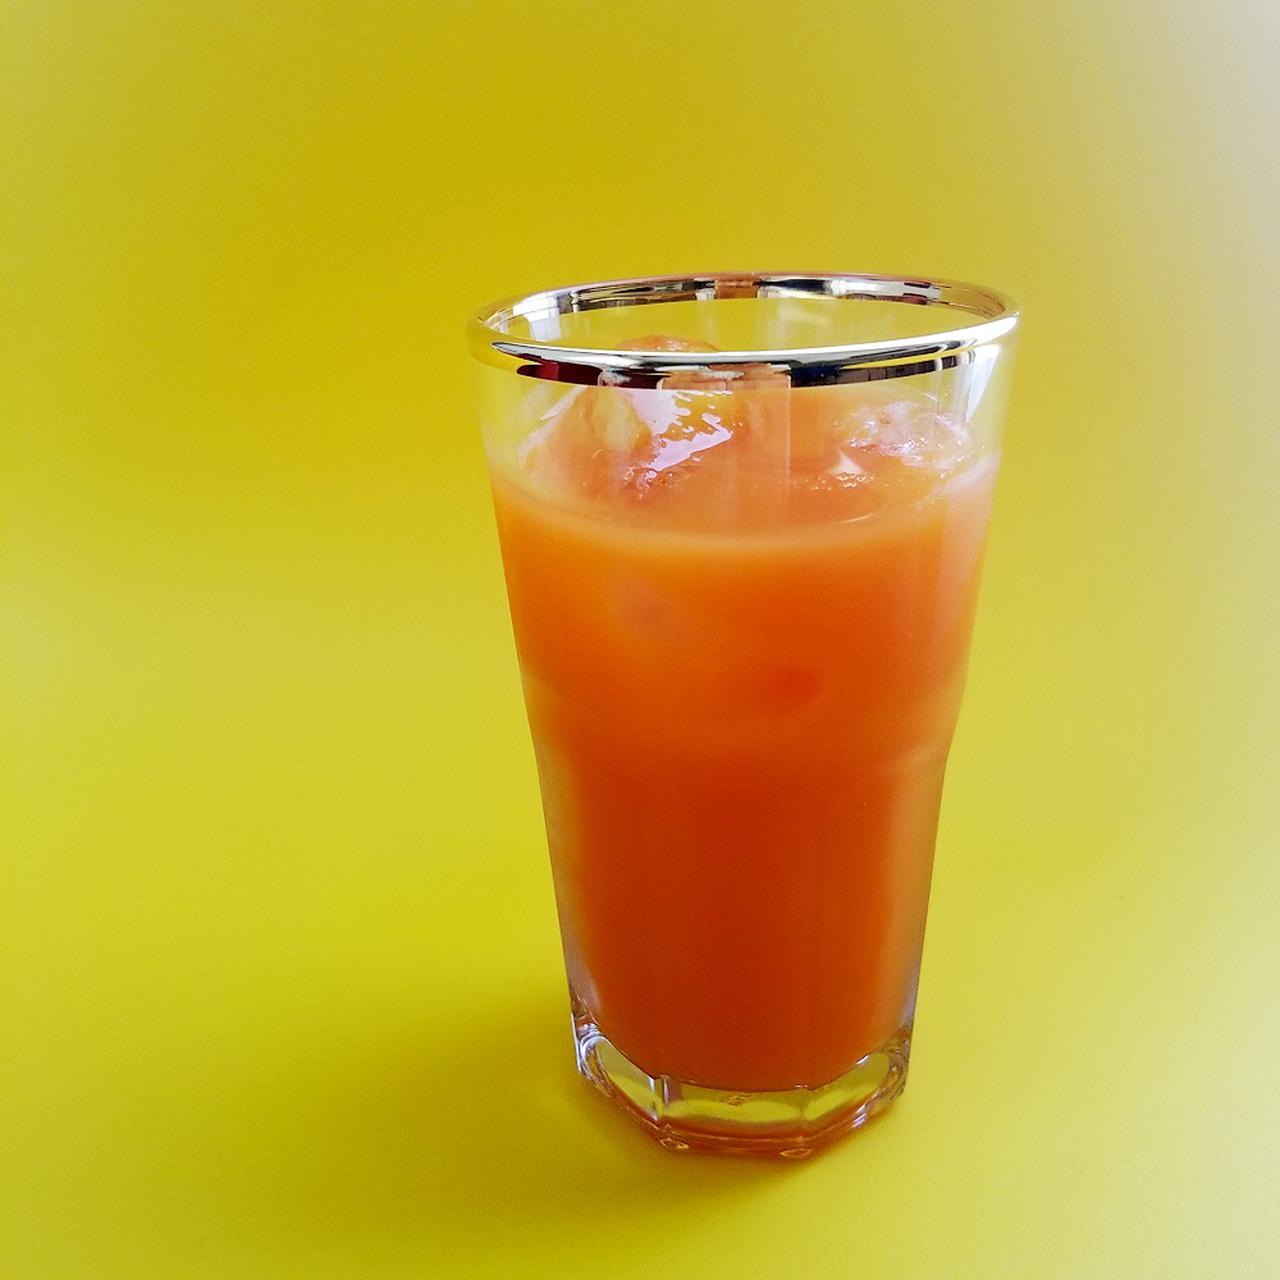 画像1: 2.《美酢パイナップル×野菜ジュース》美酢べジジュース